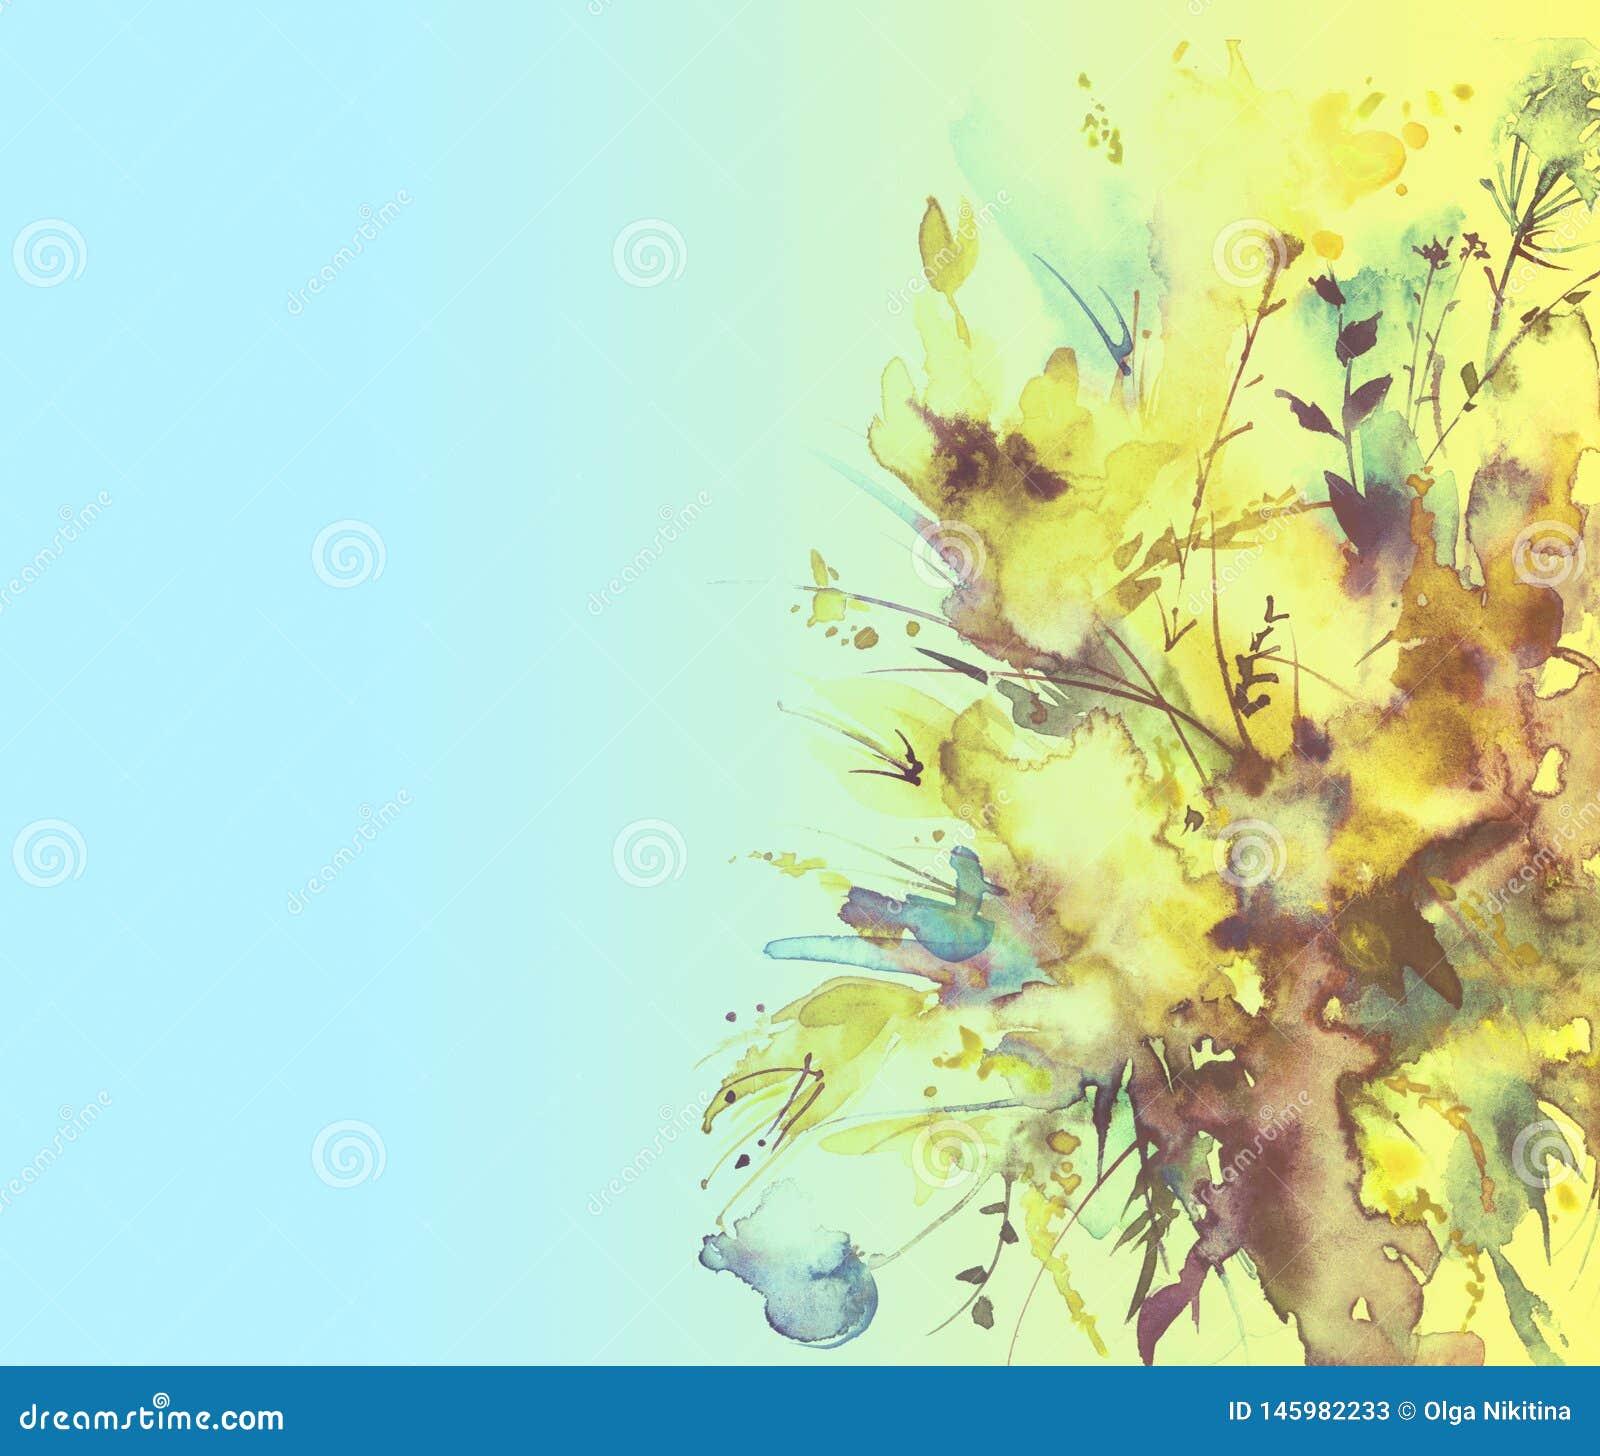 Vattenfärgbukett av blommor, härlig abstrakt färgstänk av målarfärg, modeillustration Orkidéblommor, vallmo, blåklint, gladio